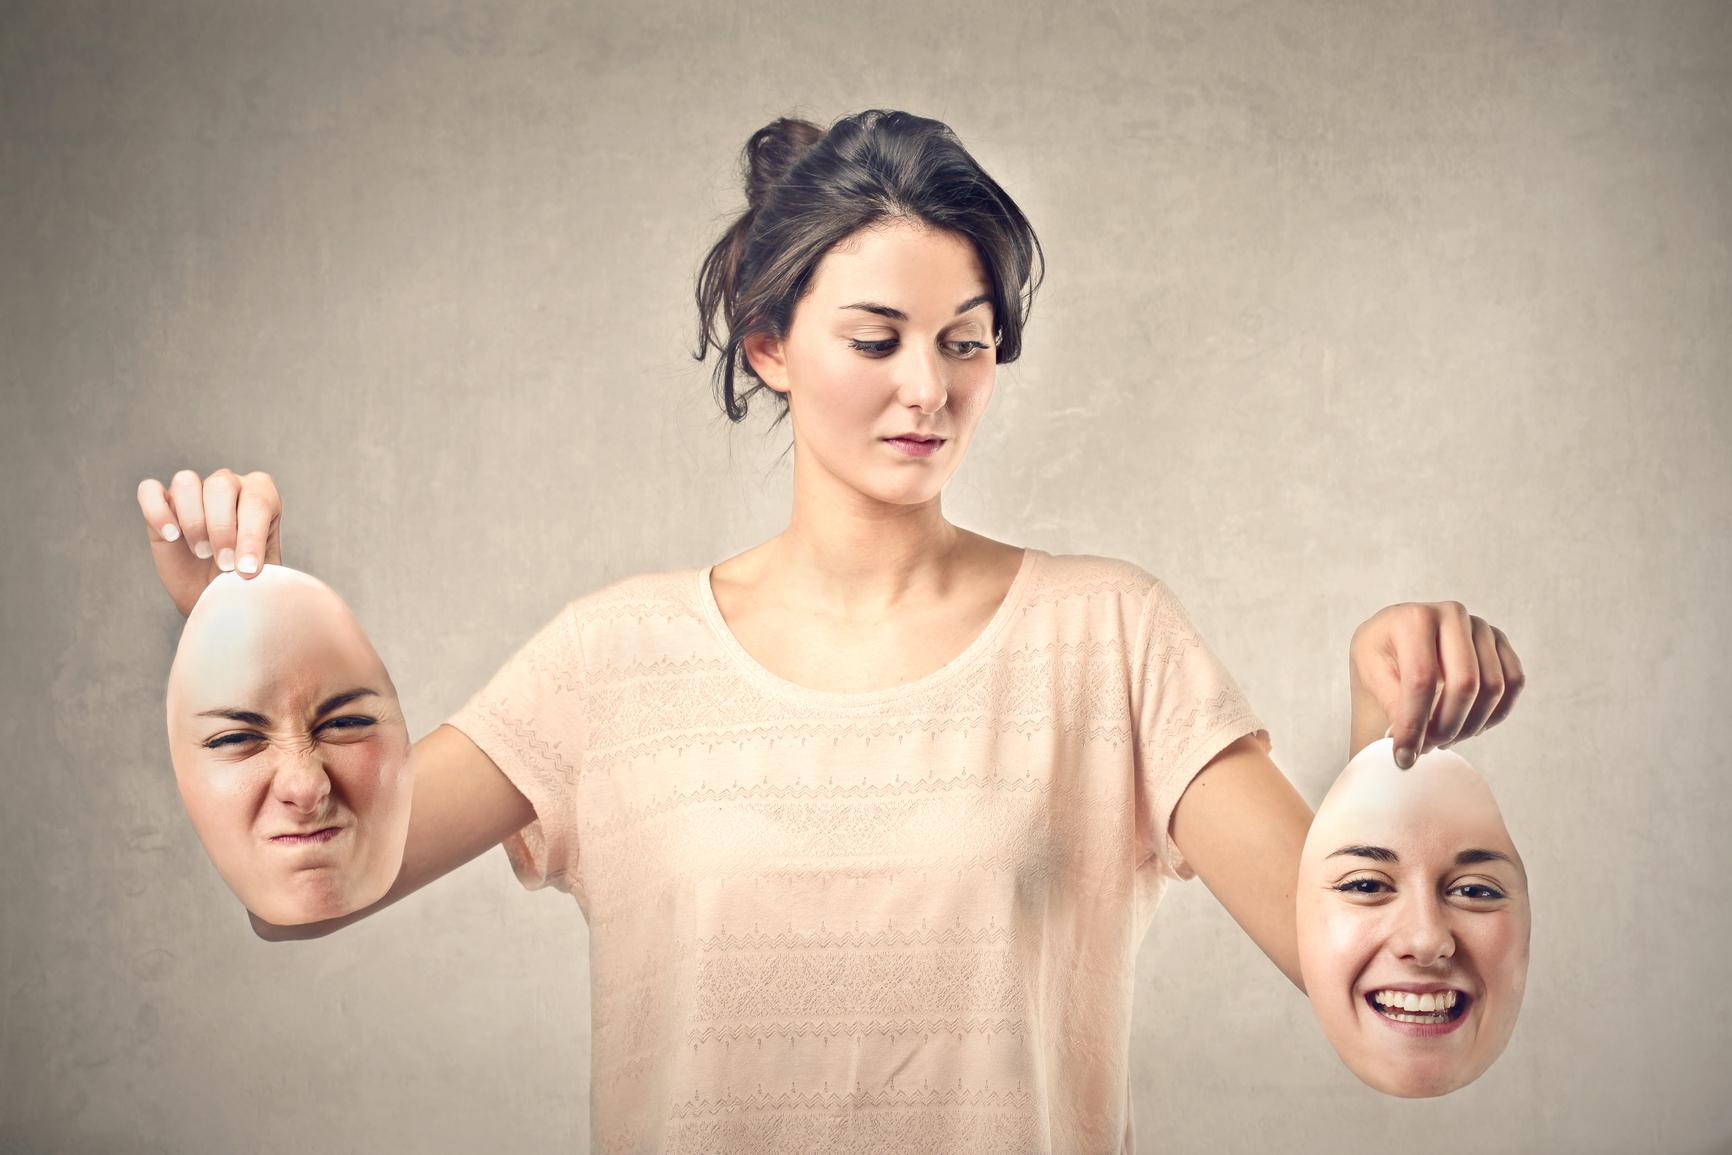 Психология как люди ведут себя на фотографиях